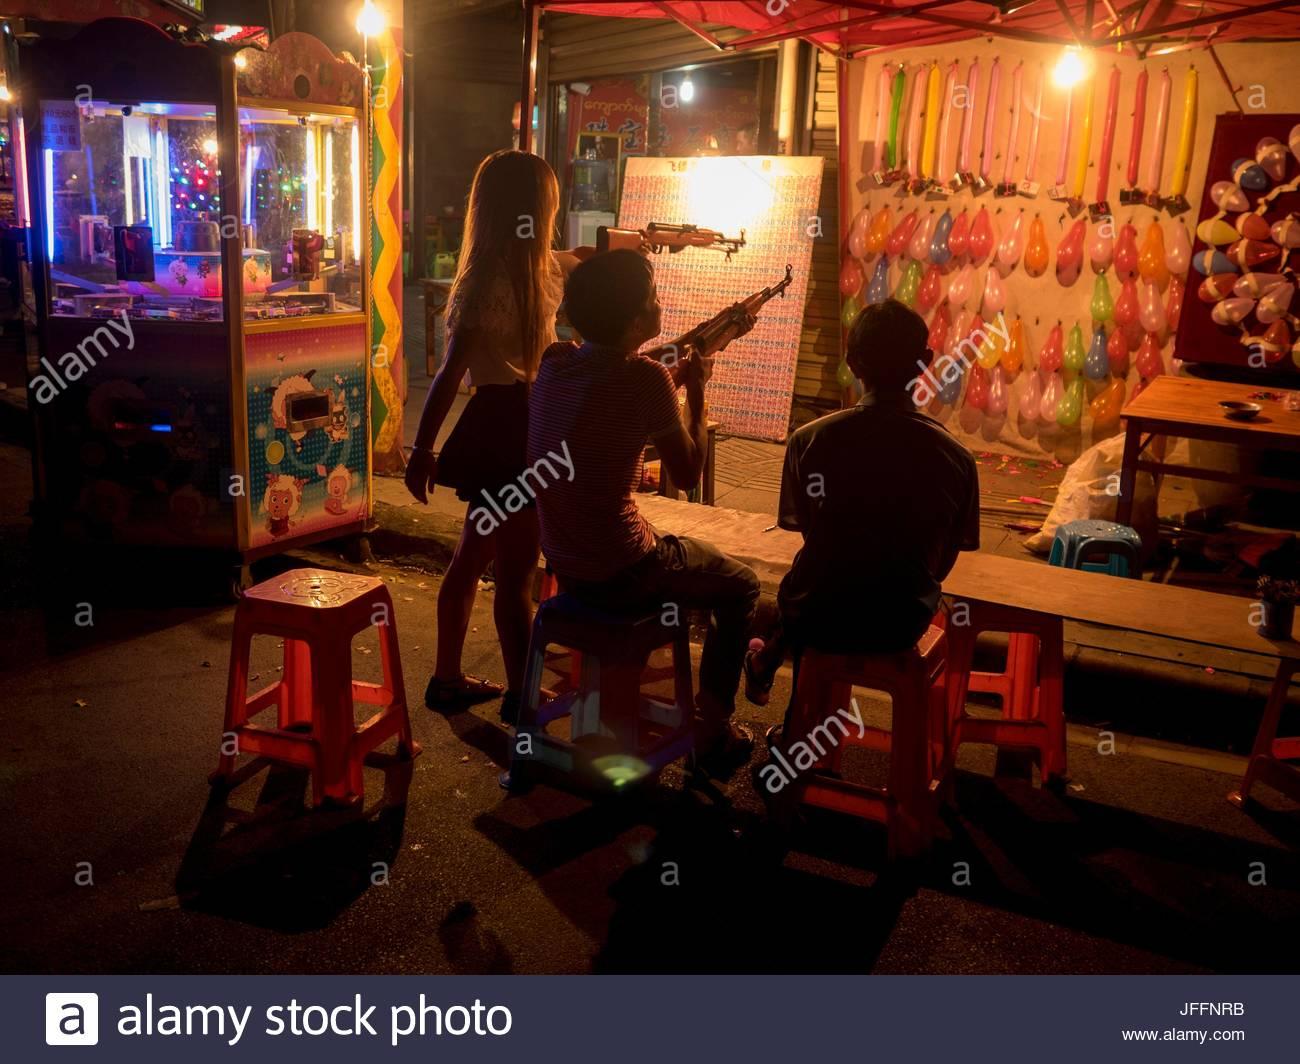 Los jóvenes en una feria de globos de disparo. Imagen De Stock